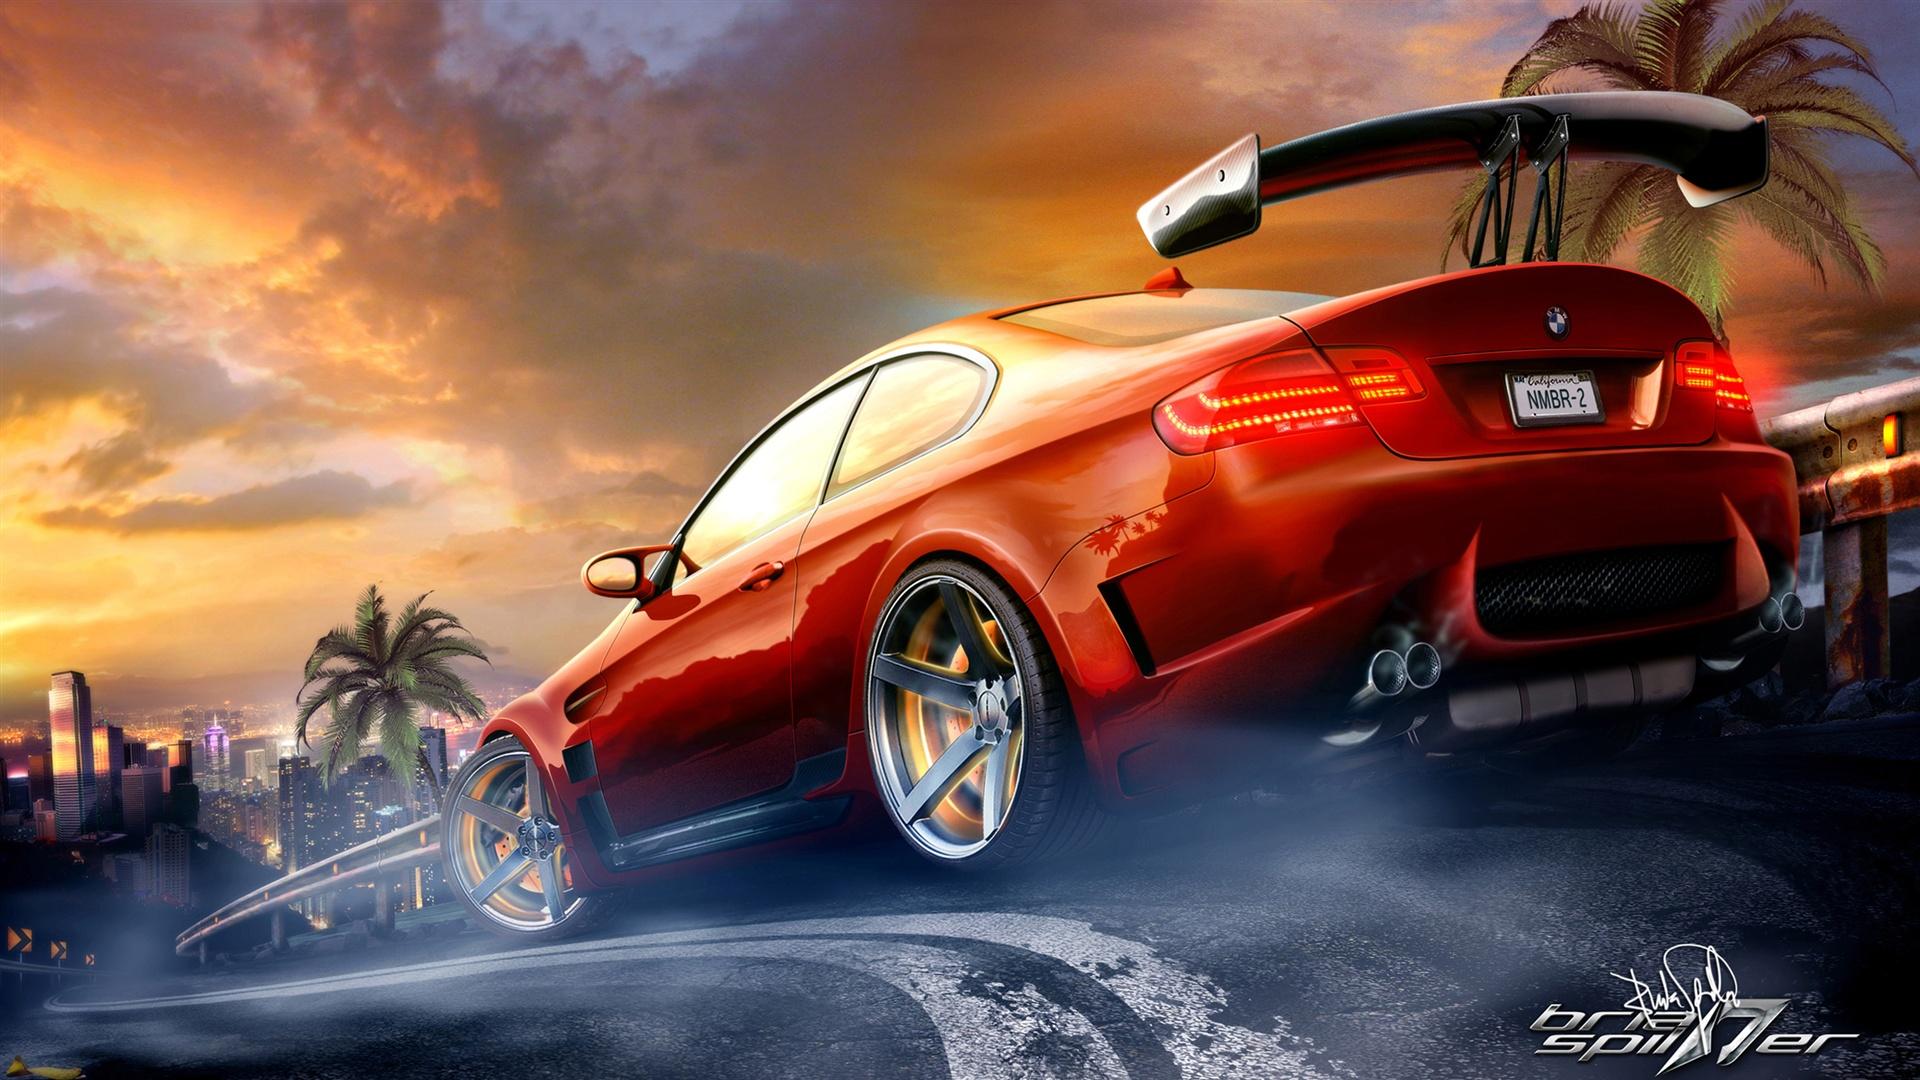 Fonds d 39 cran red bmw m3 voiture de sport dans la course for Fond ecran voiture sport